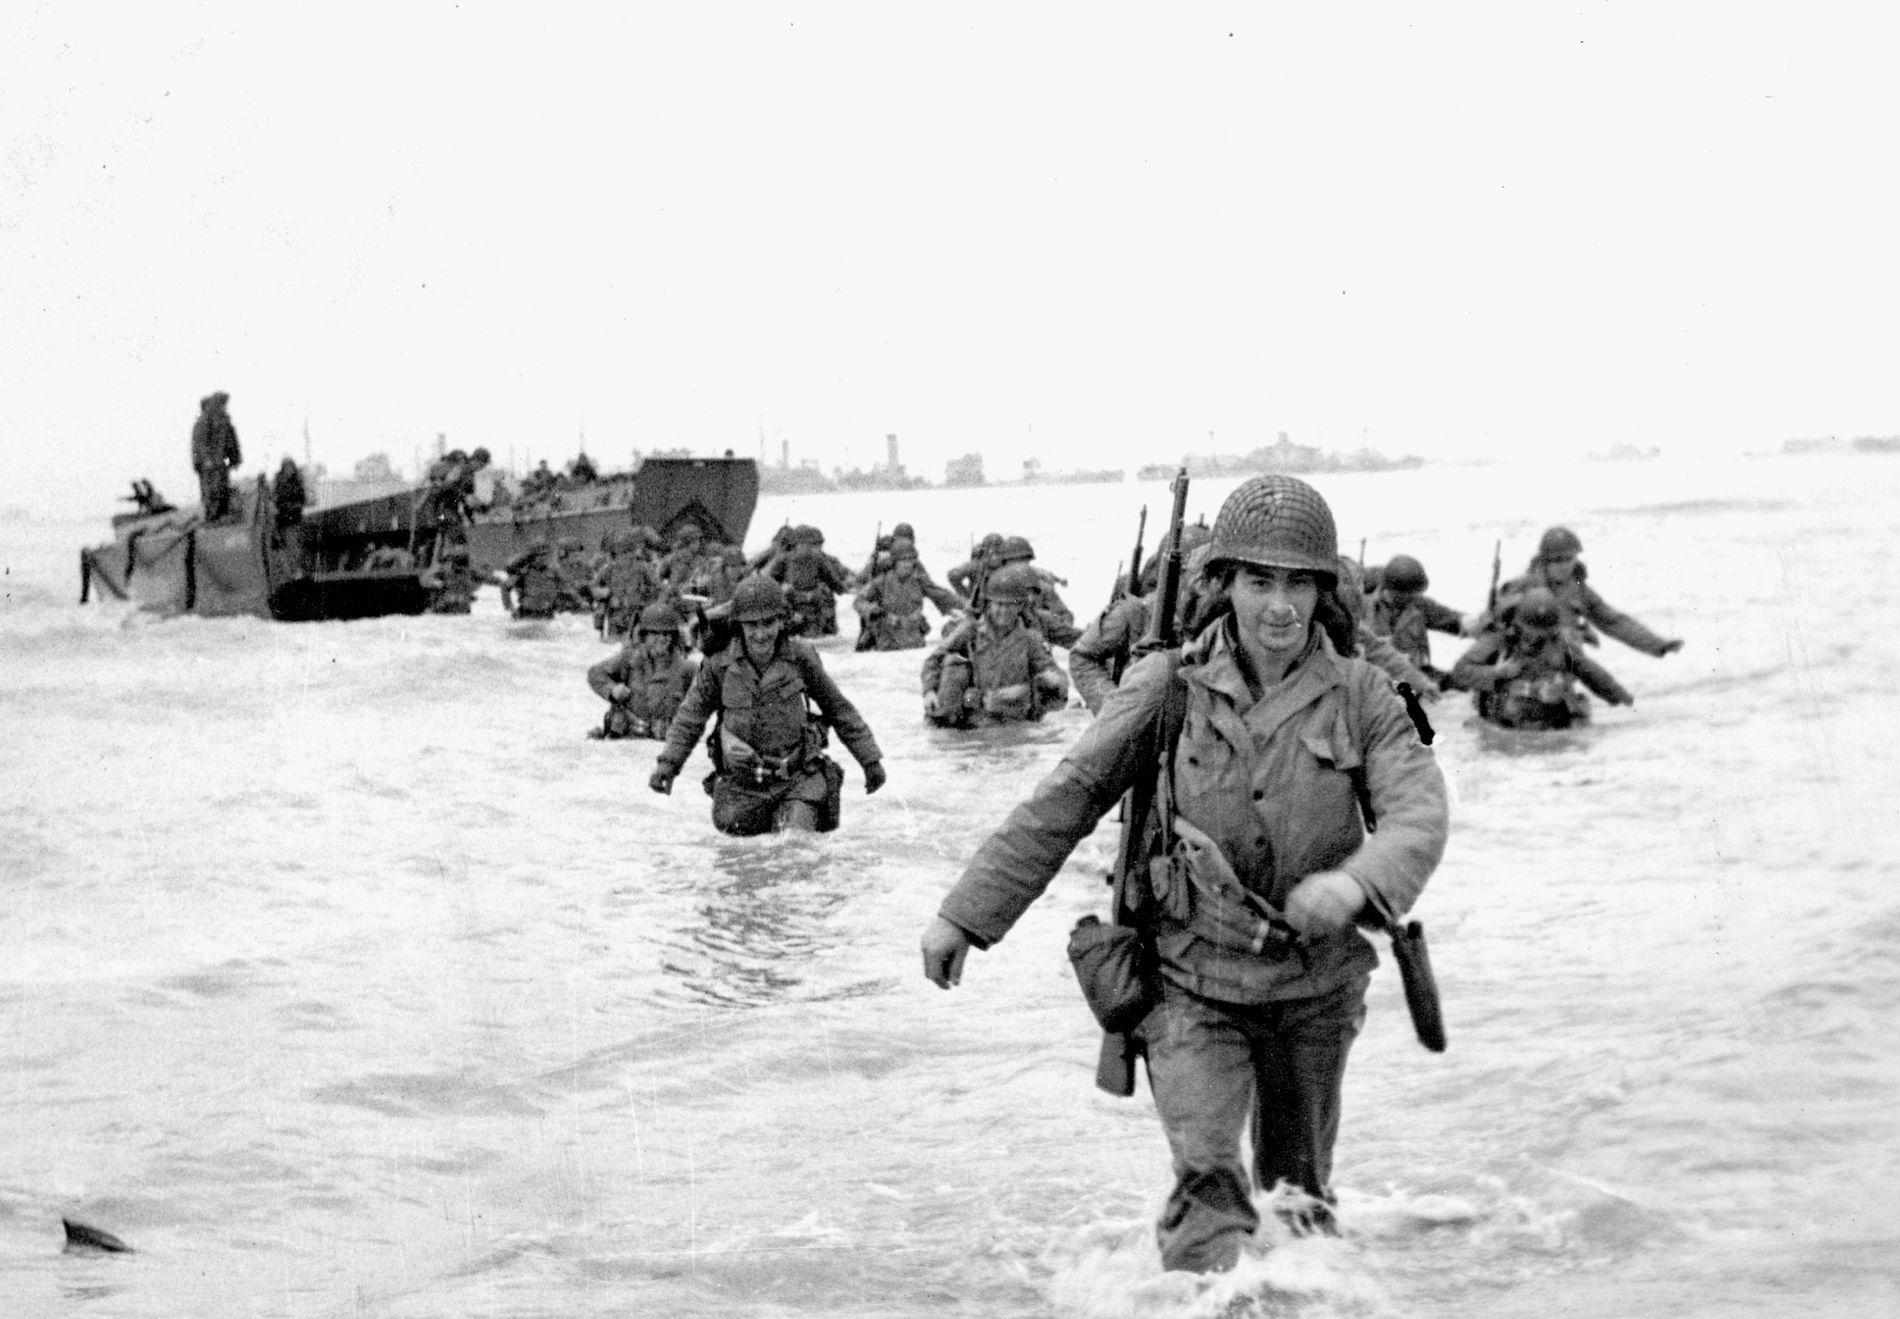 STILLE MELLOM STORMER: Invasjonen i Normandie skjedde mellom to uvær – akkurat som den norske meteorologen hadde varslet.